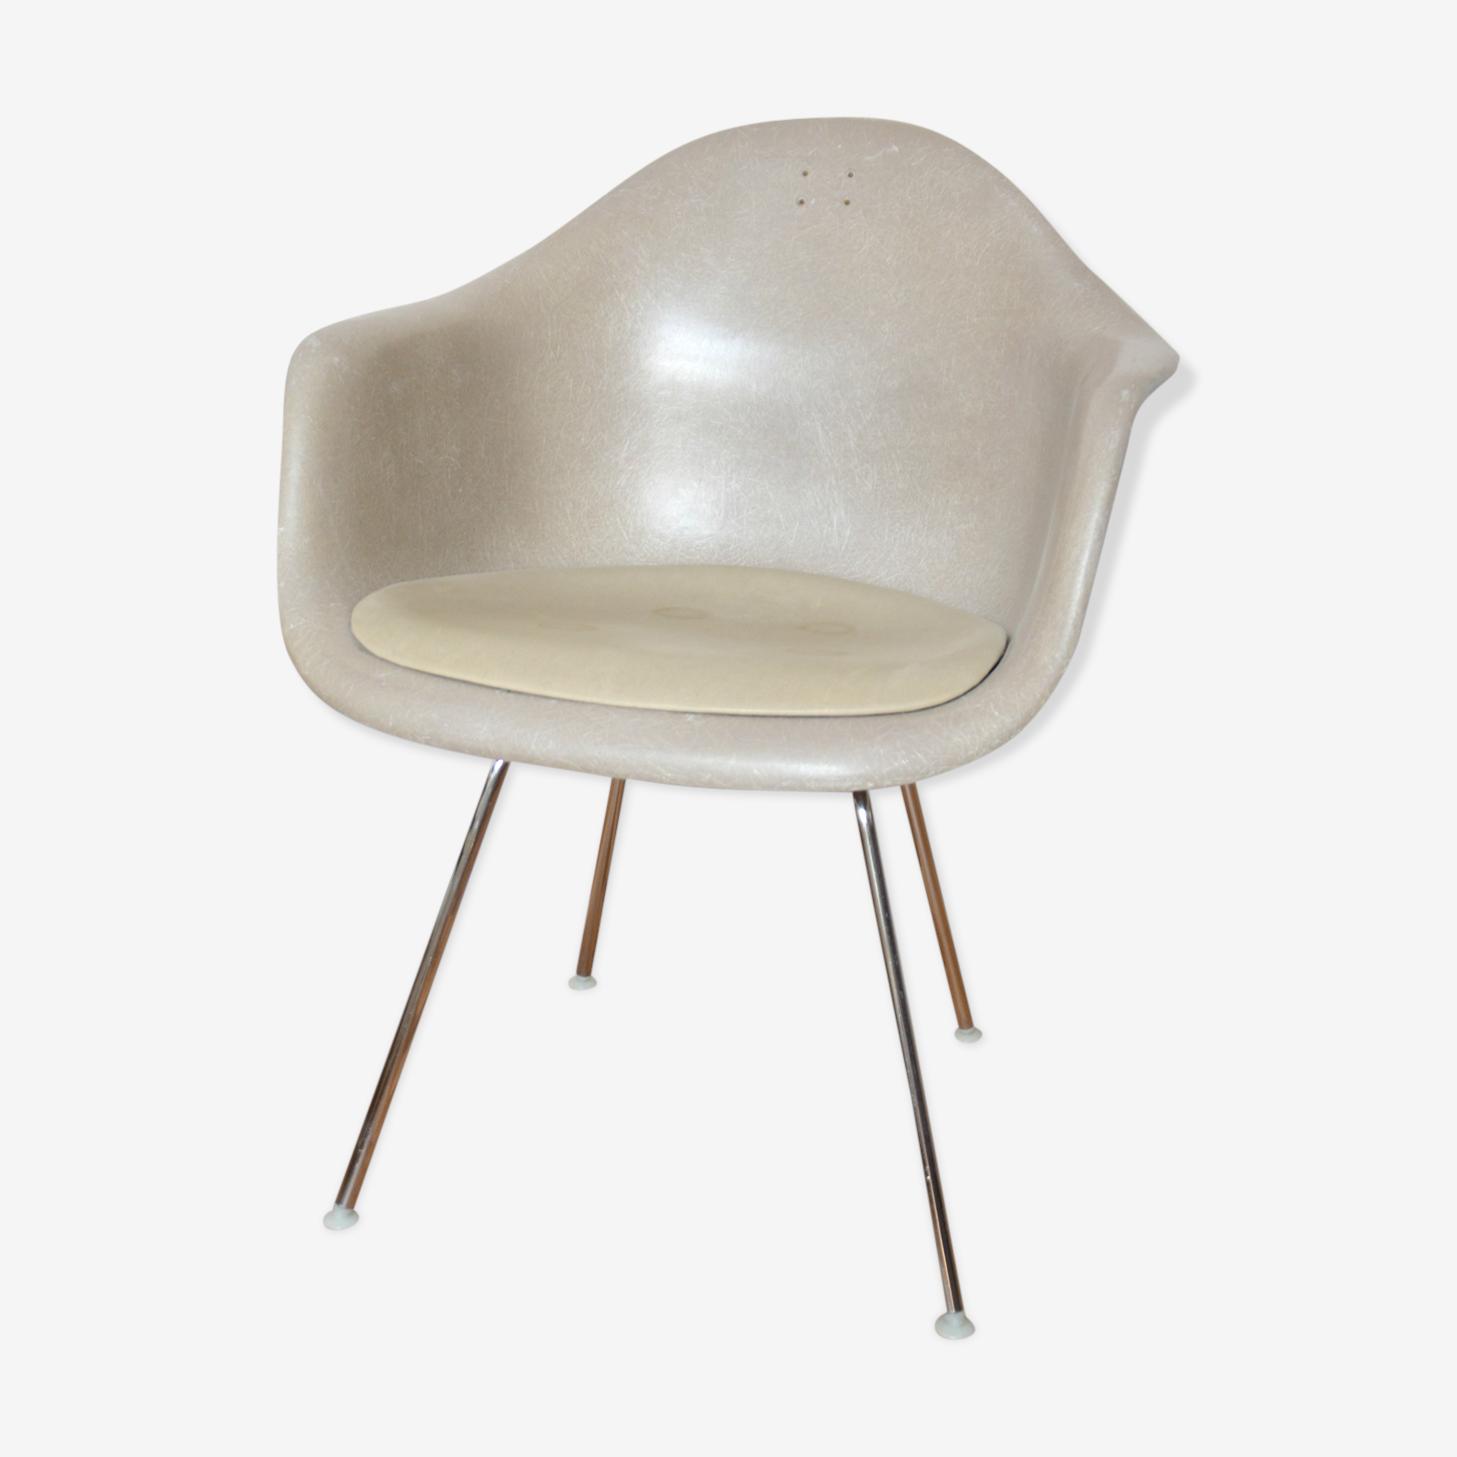 Fauteuil Eames Herman Miller modèle Dax Vitra